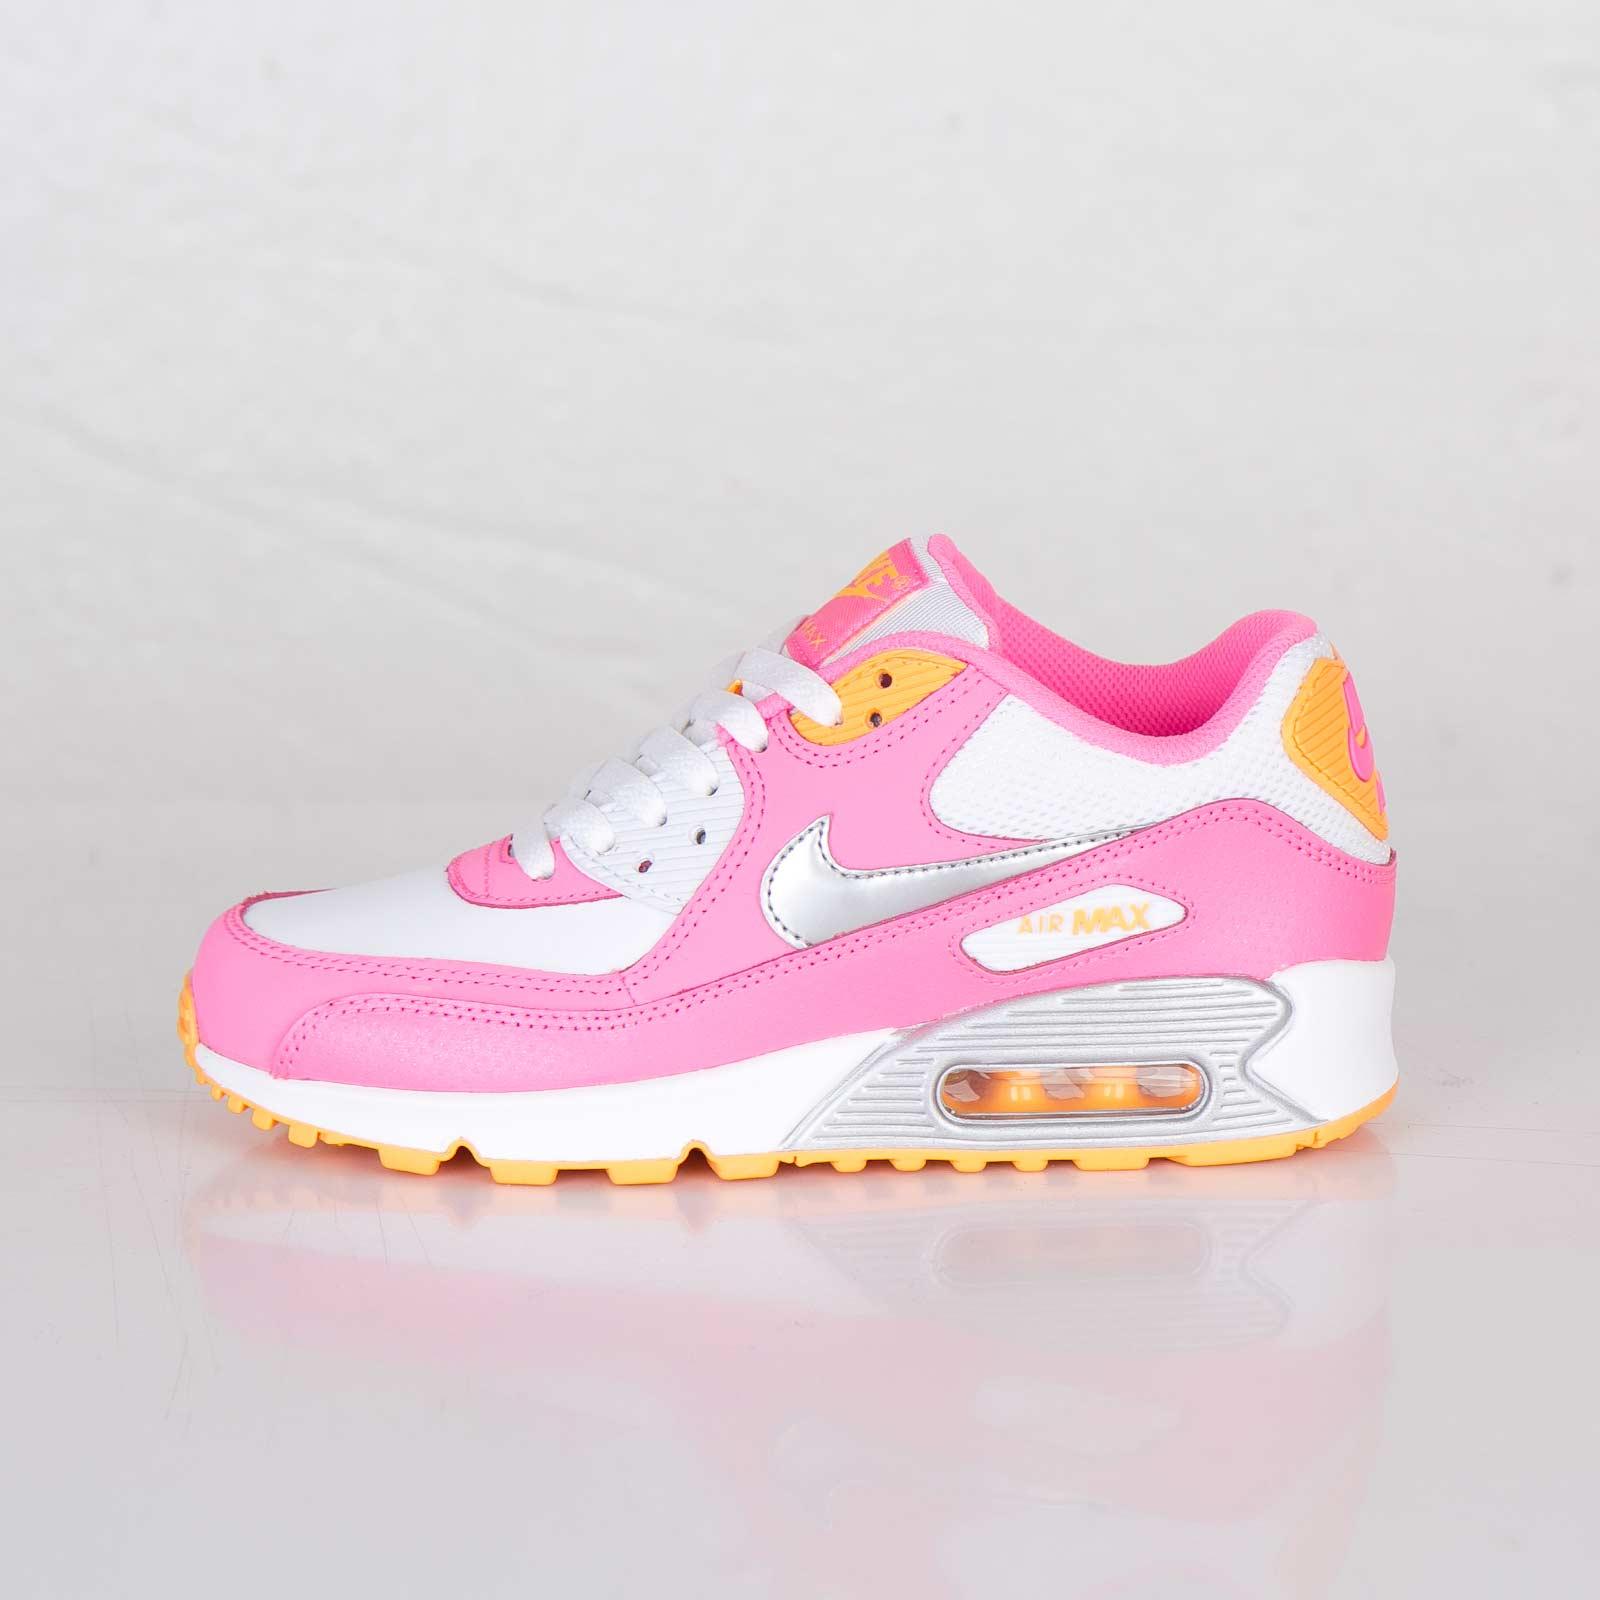 separation shoes 58519 fac79 Nike Air Max 90 2007 (GS) - 7. Close